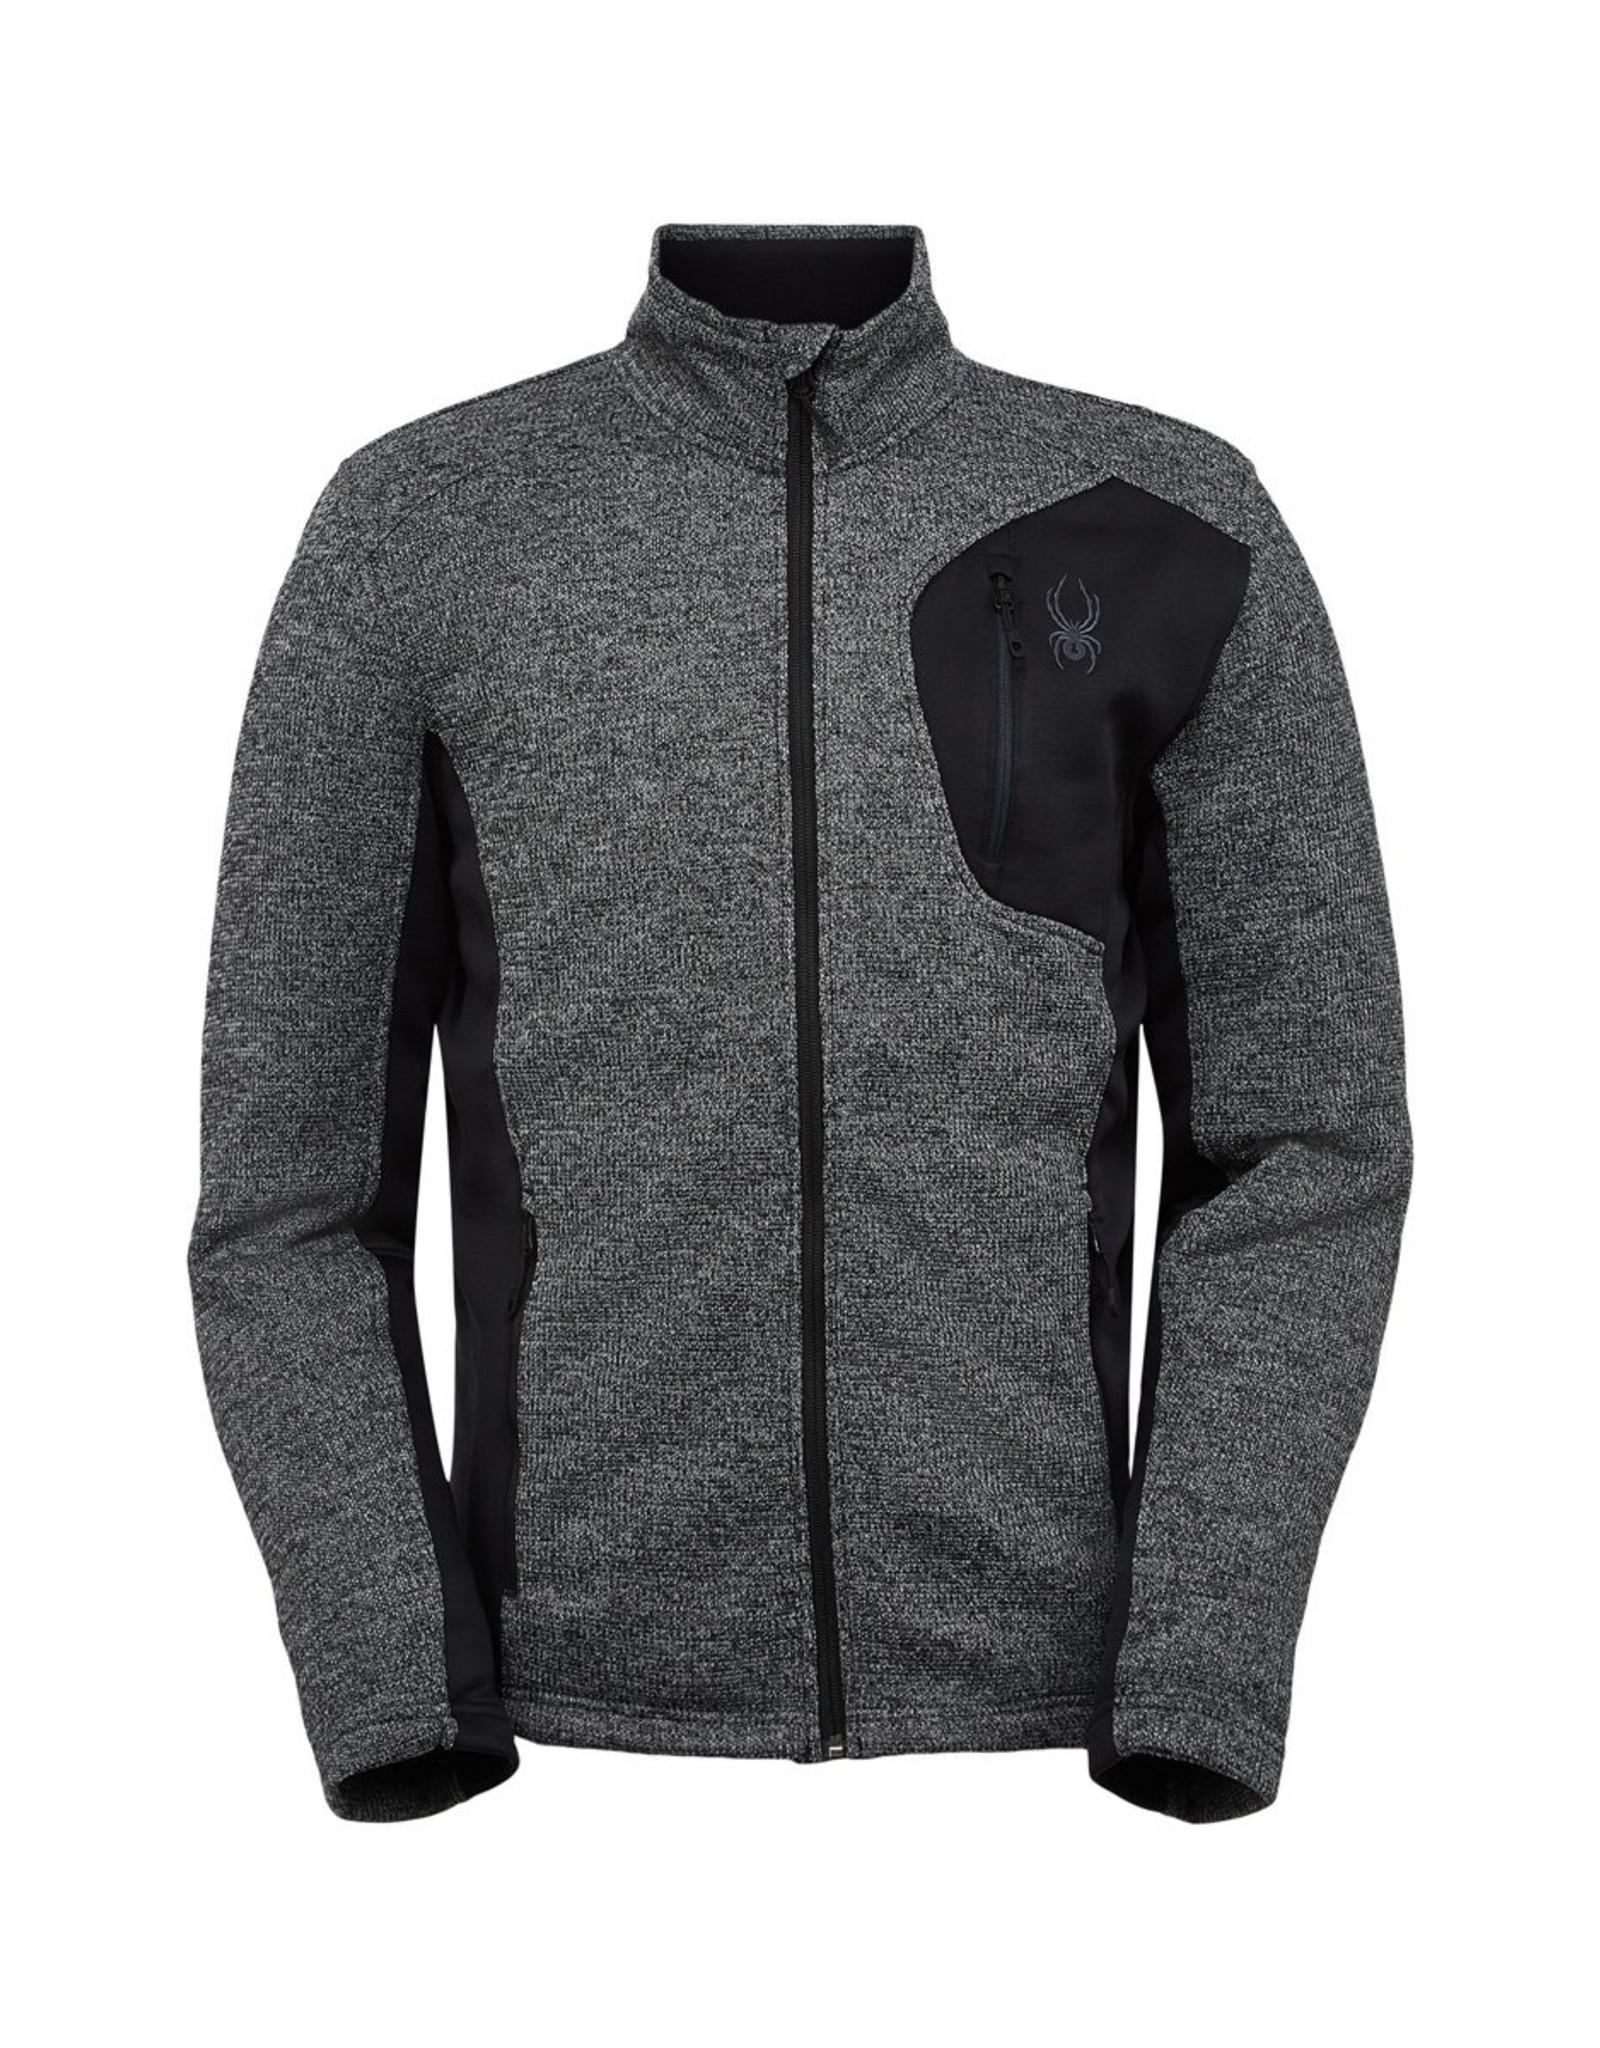 Spyder Spyder Men's Bandit Full Zip Fleece Jacket